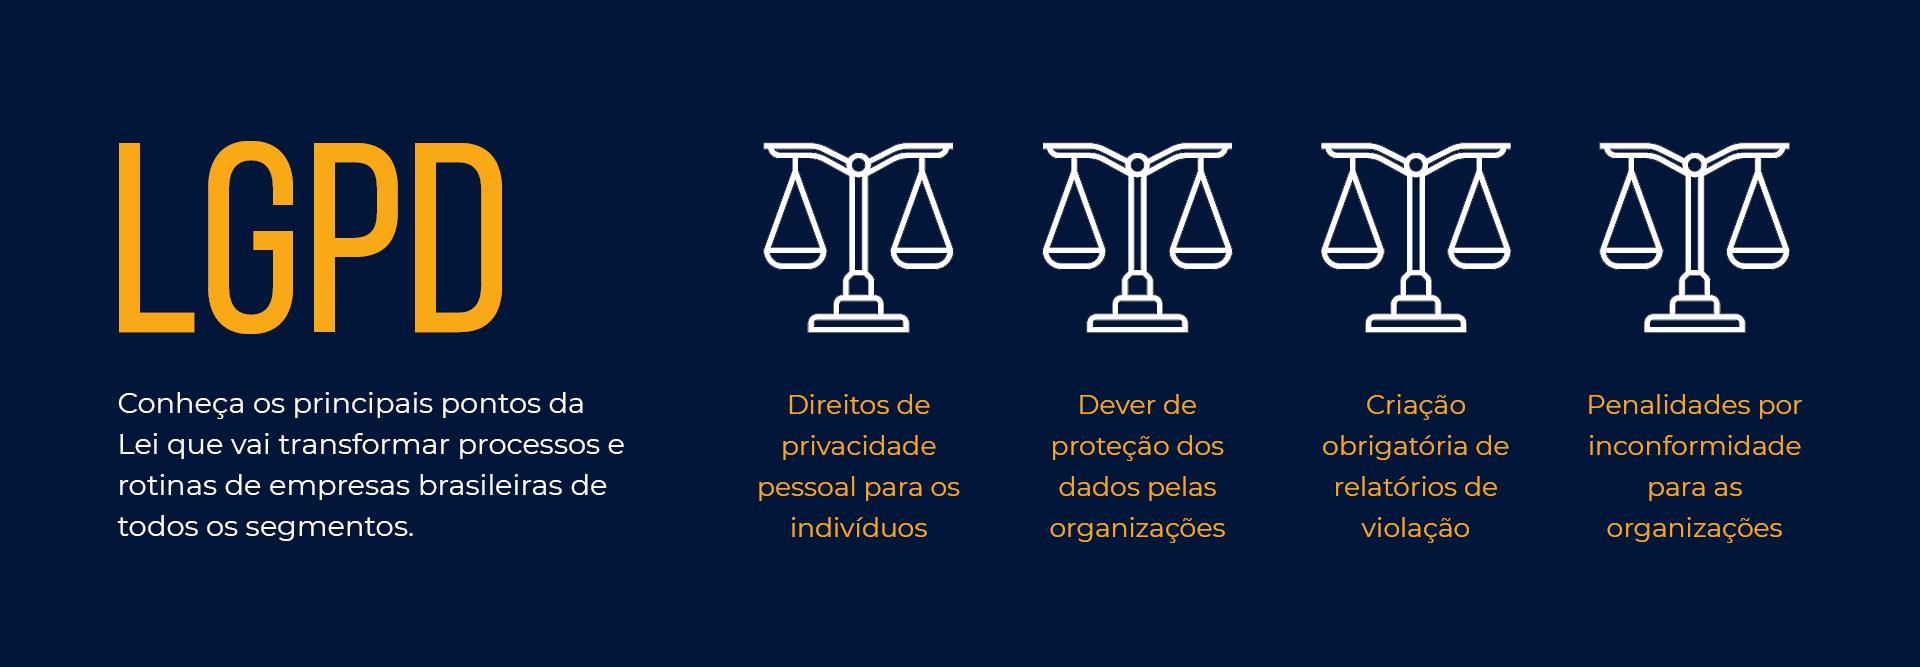 Principais pontos da LGPD - a Lei que vai transformar processos e rotinas de empresas brasileiras de todos os segmentos.